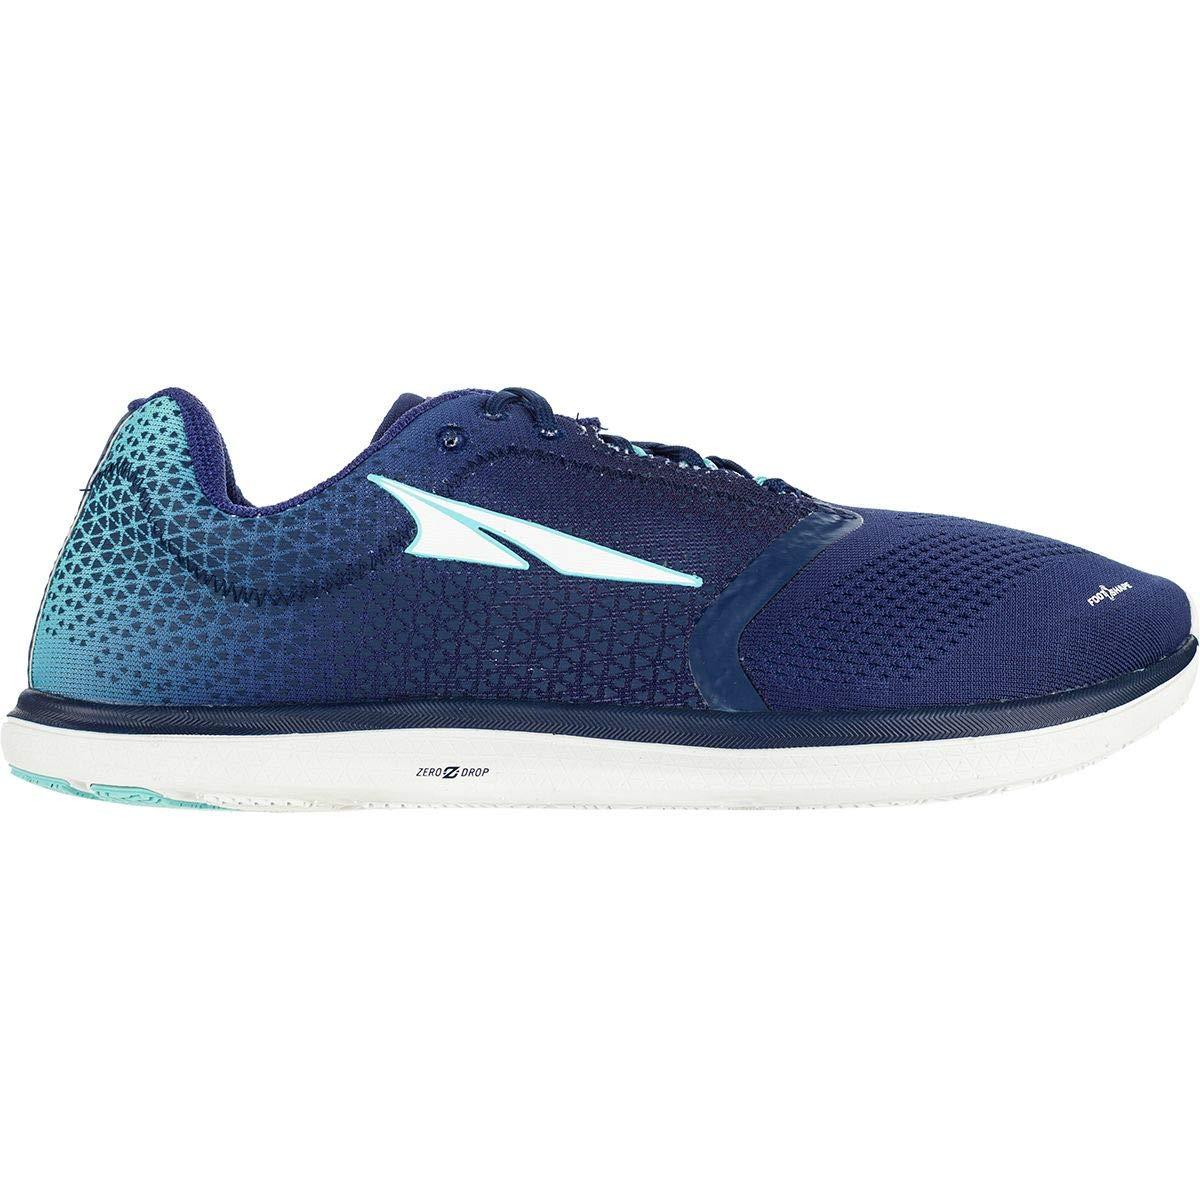 数量限定セール  [オルトラ] メンズ ランニング ランニング Solstice Running Shoe 14 メンズ [並行輸入品] B07P41T1ZN 14, One case:e61e4f90 --- womaniyya.com